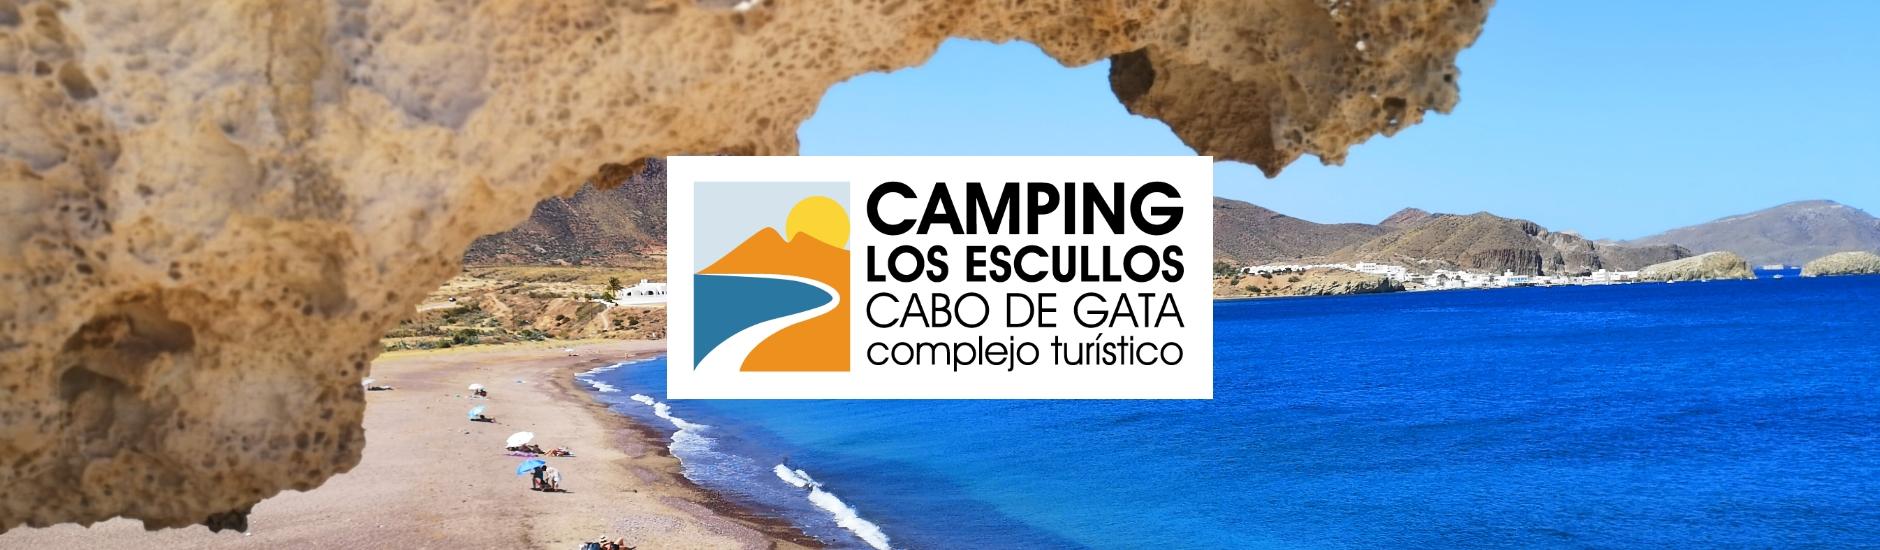 Camping Los escullos Cabo de Gata - Complejo turistico